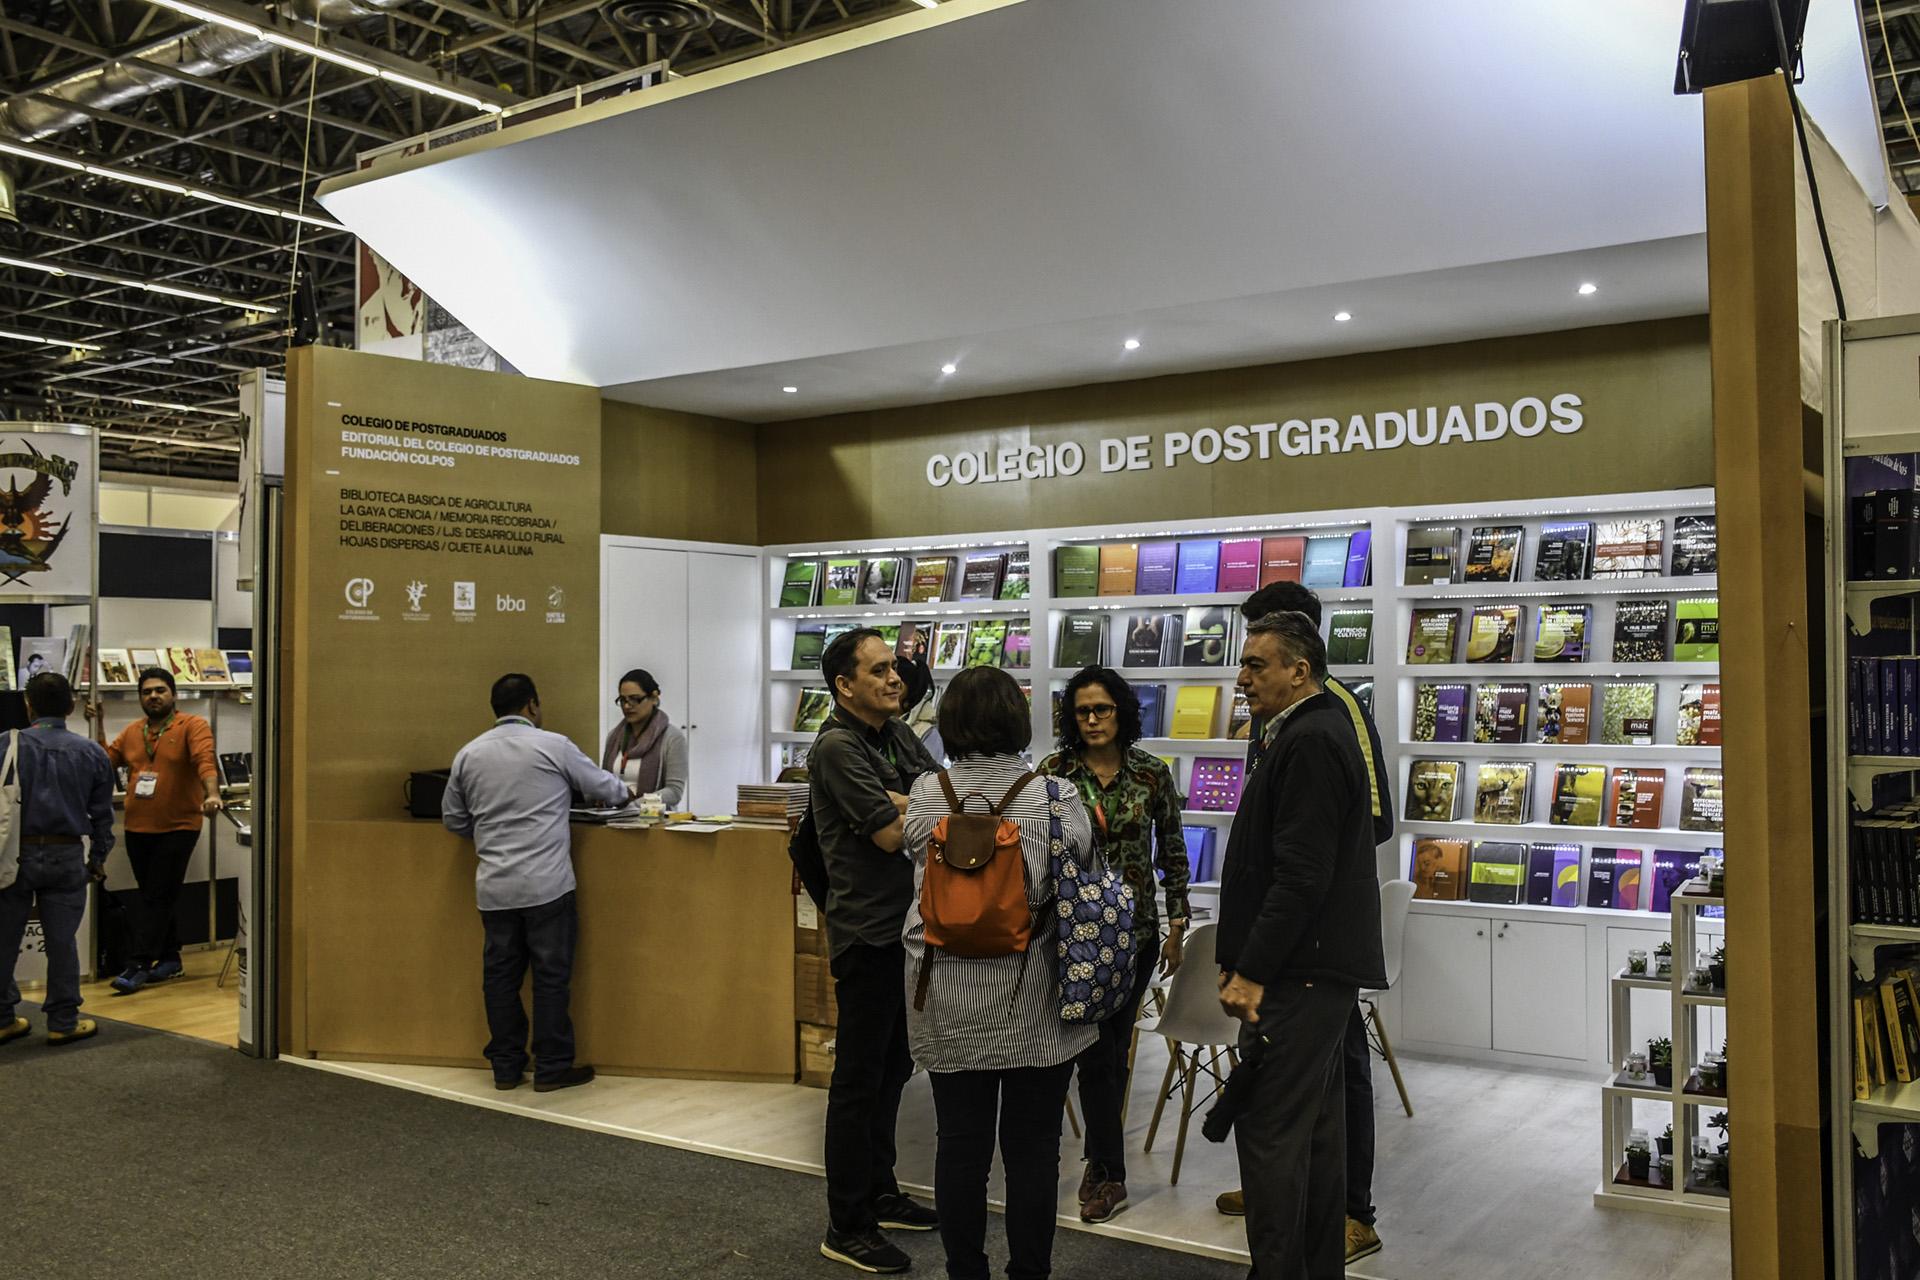 Colegio de Posgraduados (Foto: David Sánchez / Editorial UN)